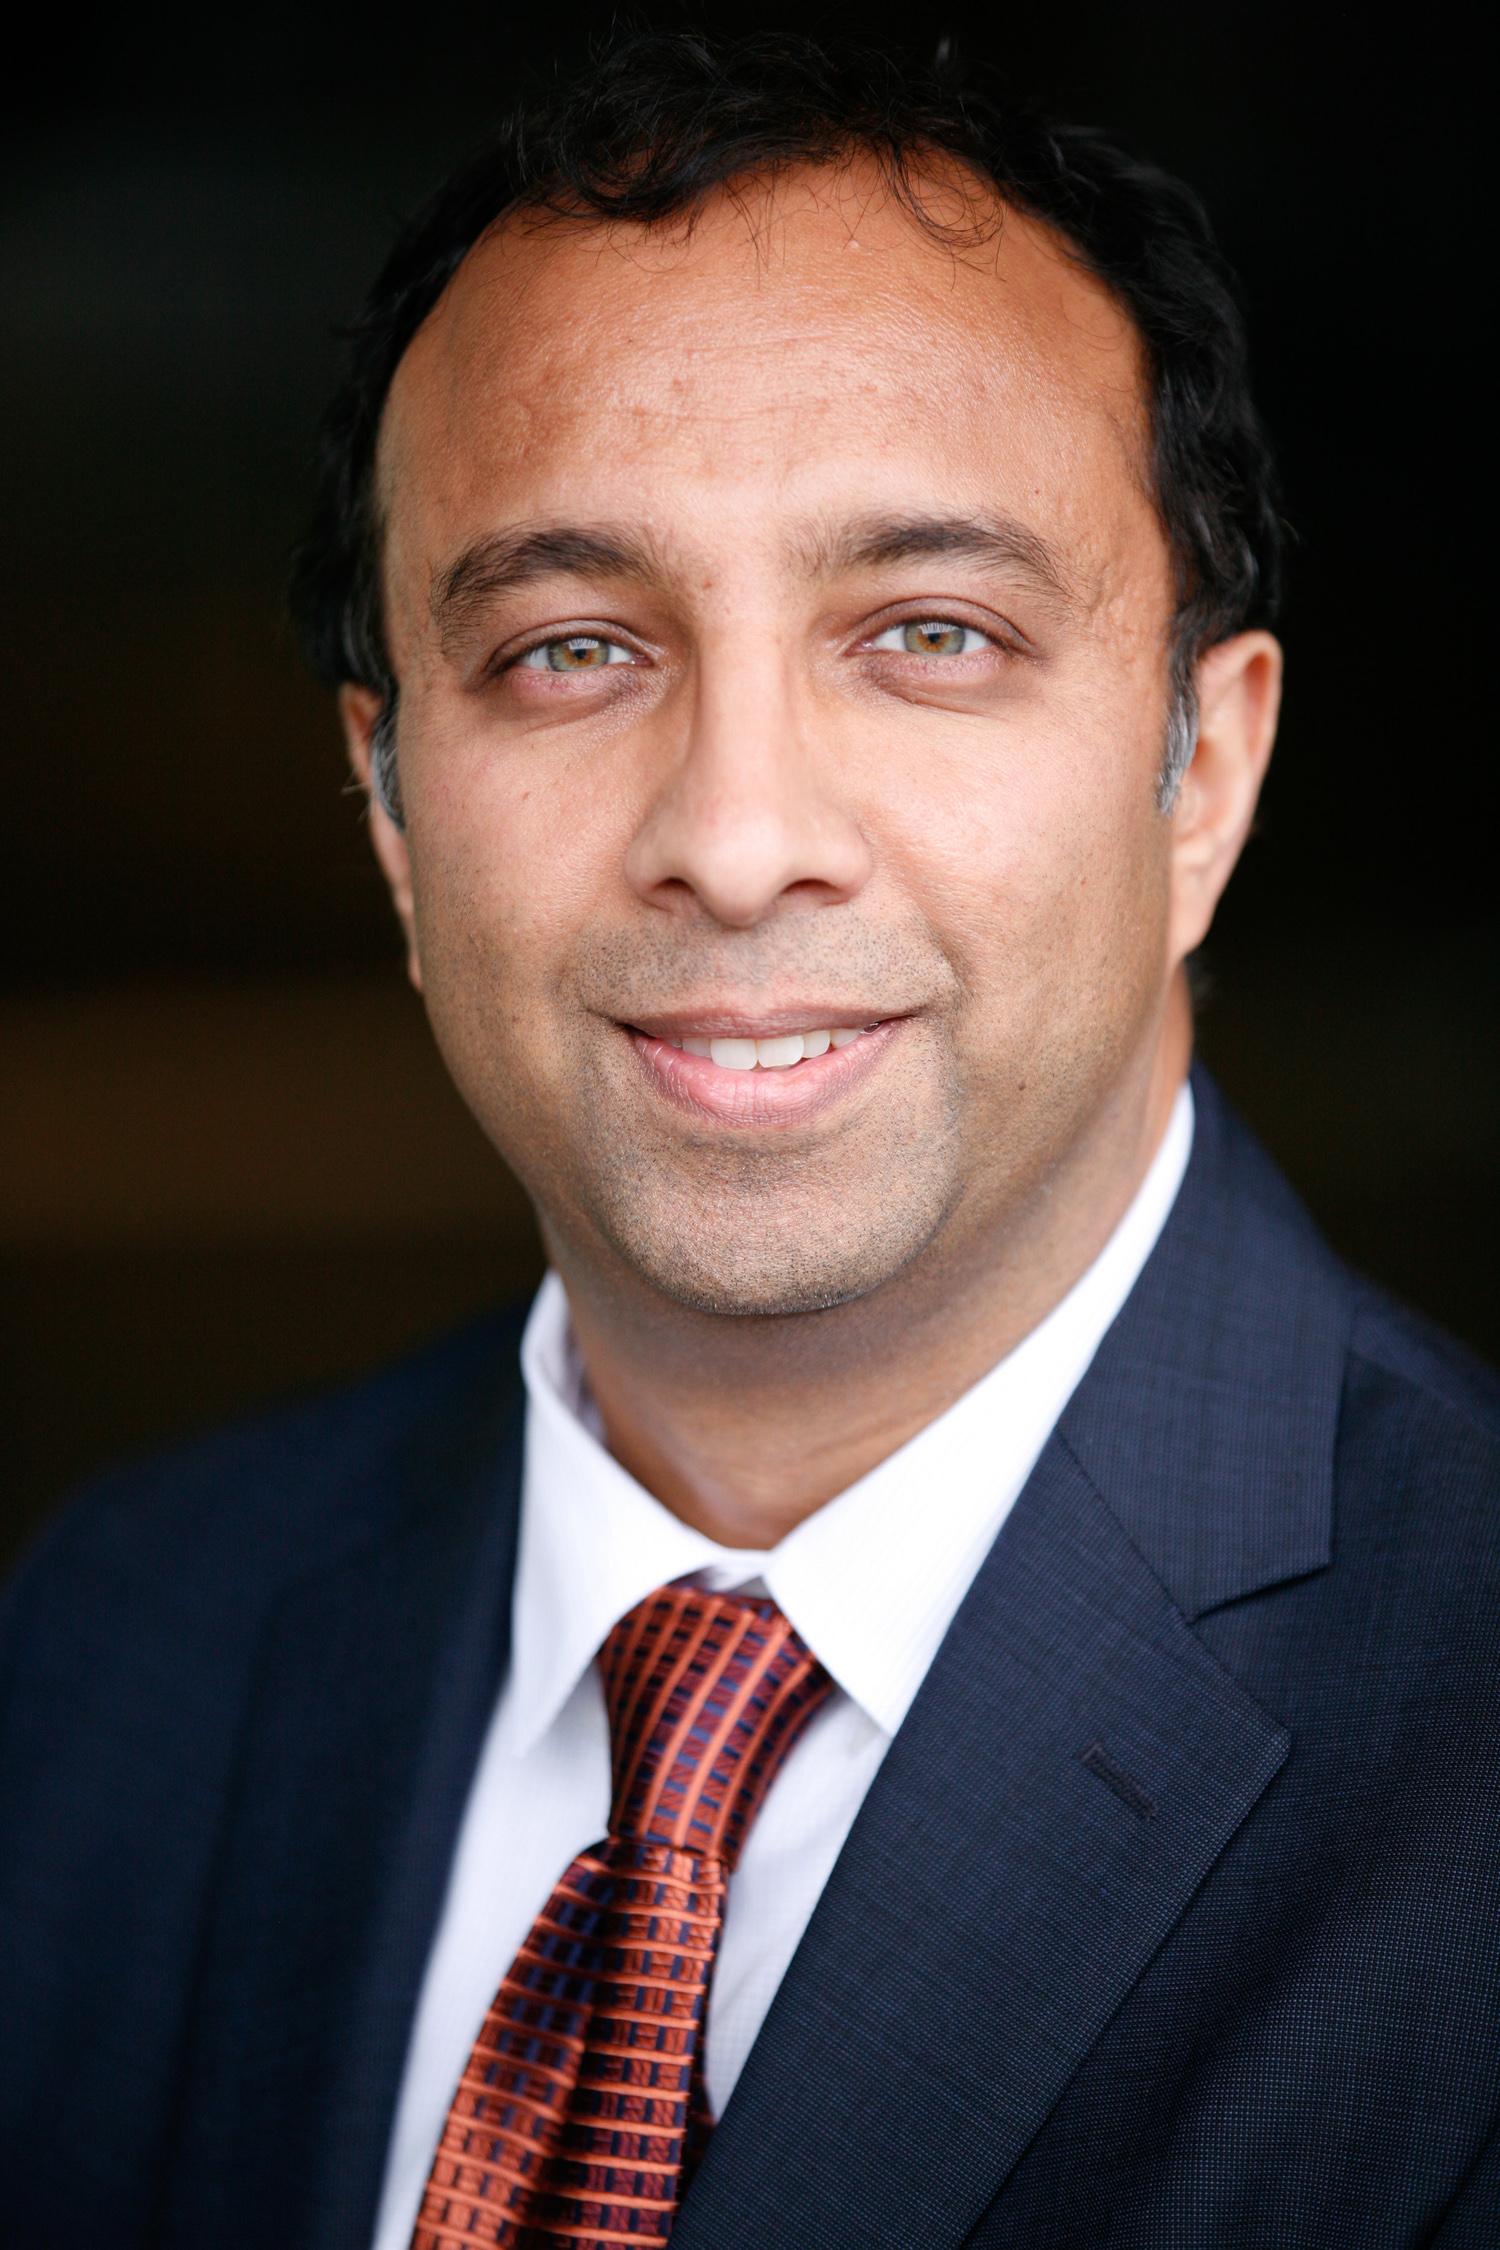 Samir Shah, Partner